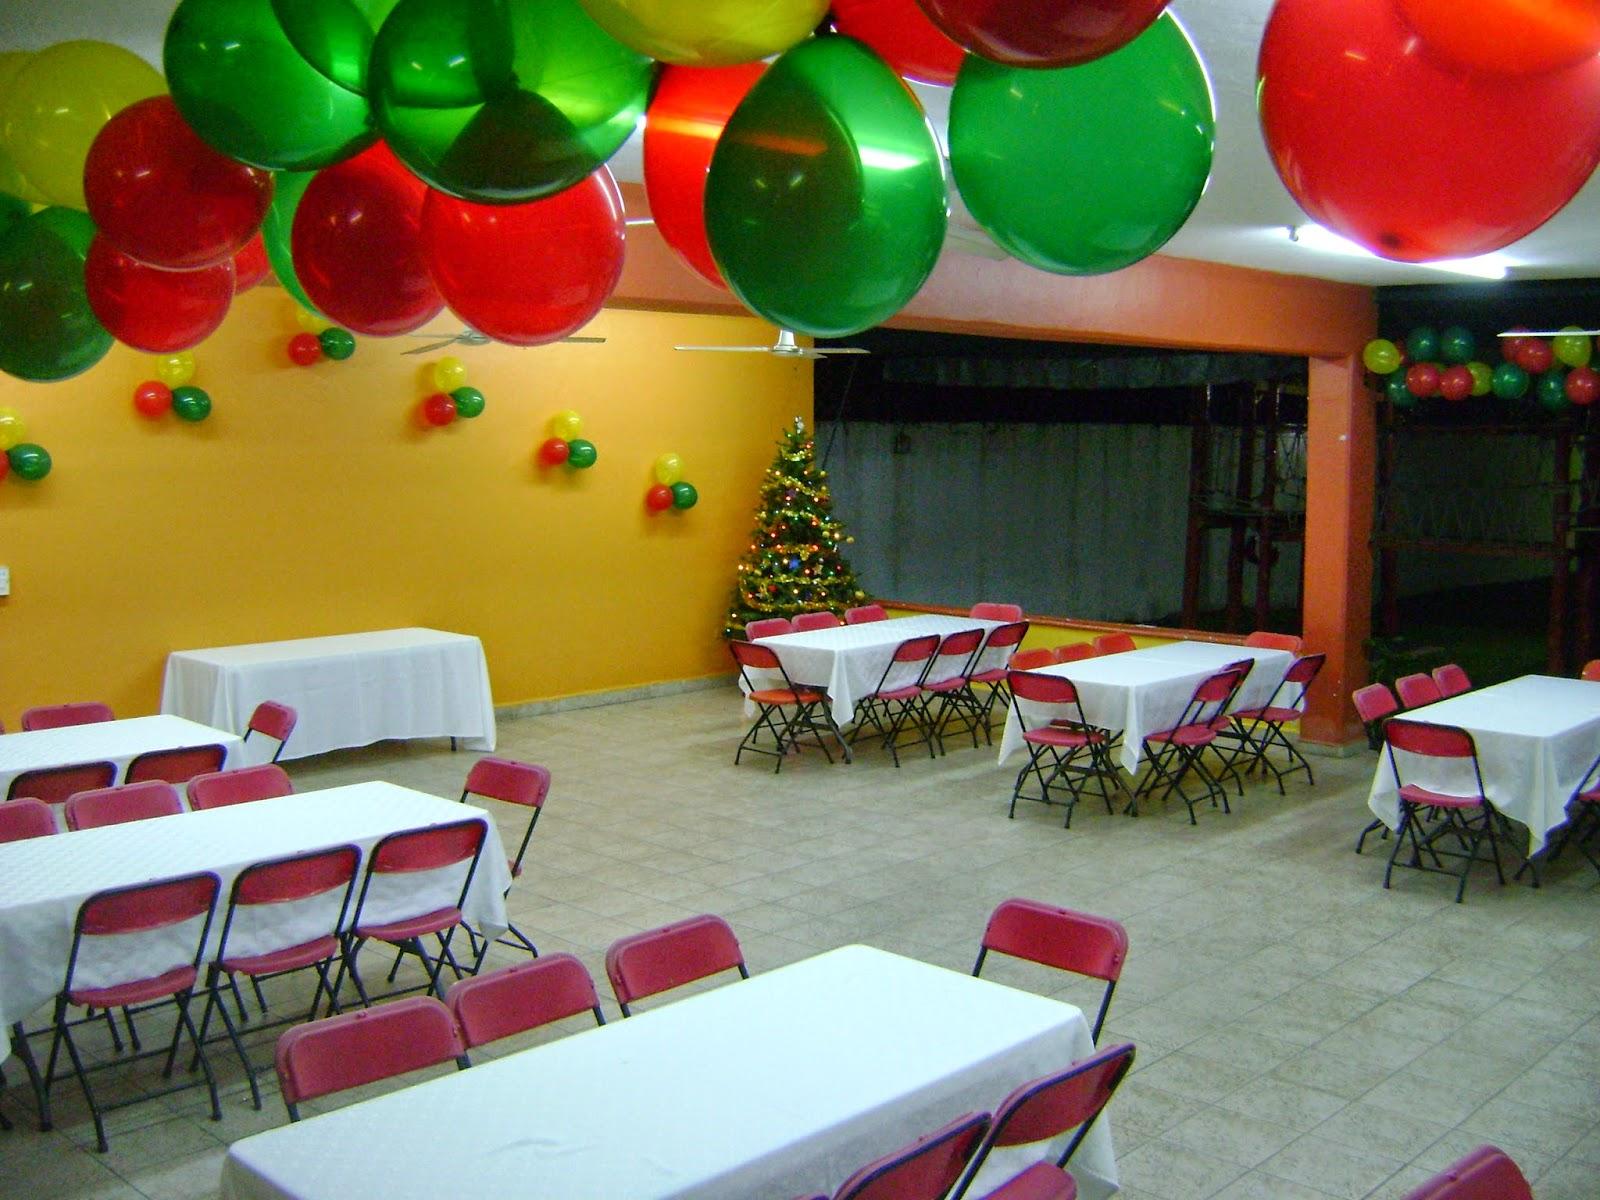 B chame el mejor sal n de fiestas en canc n for Decoracion de salon navideno